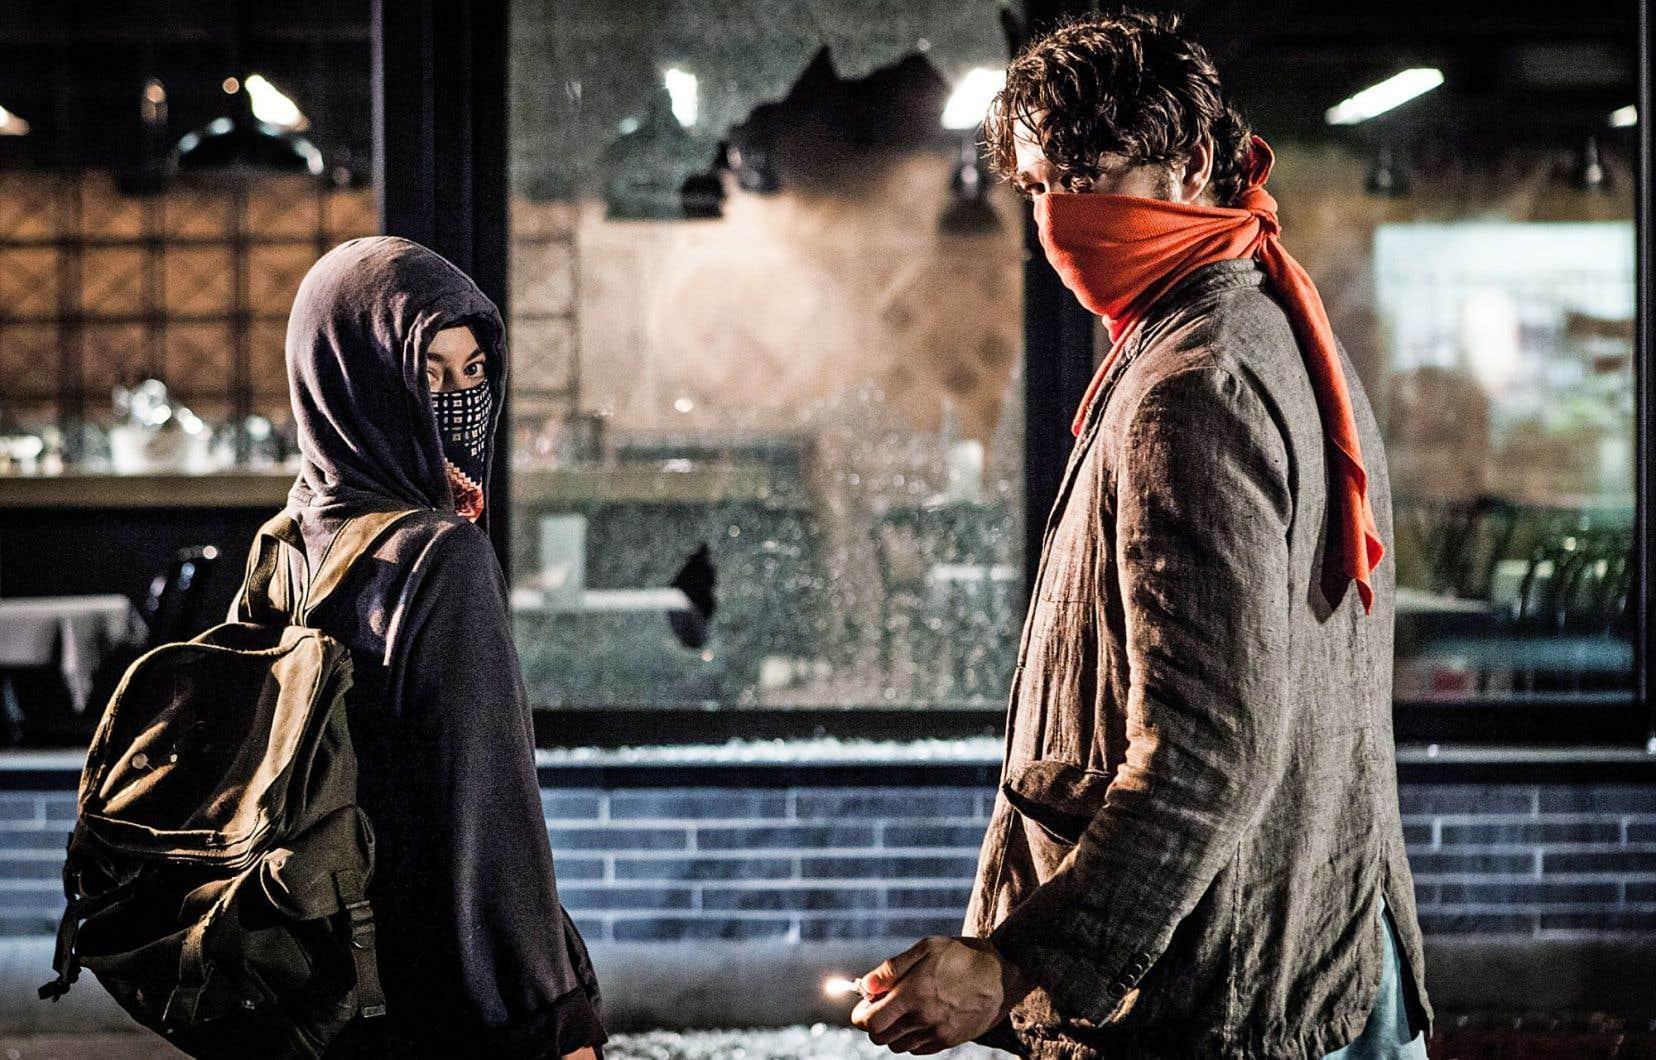 «Ceux qui font les révolutions à moitié n'ont fait que se creuser un tombeau» est une œuvre ardente et poétique, sur les lendemains de l'effervescence des carrés rouges, qui allie une exploration des idéaux de la jeunesse à des audaces formelles.